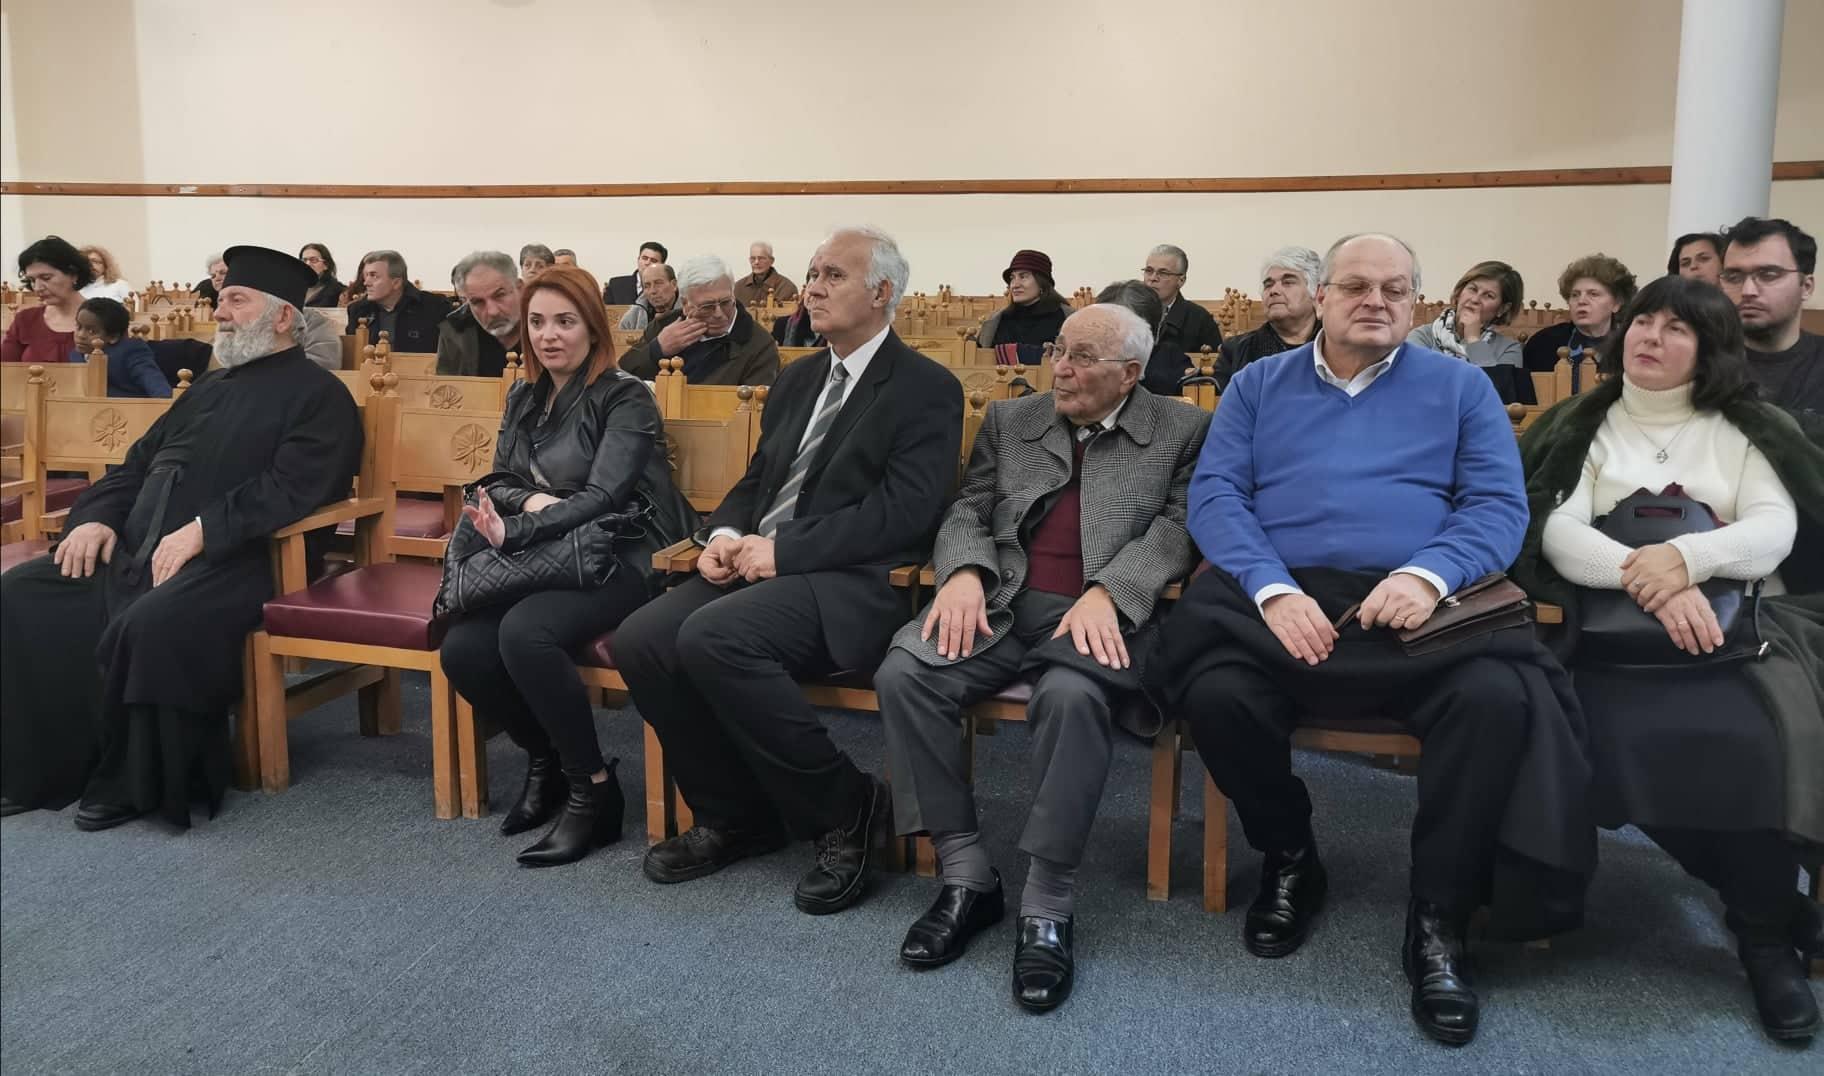 Πύργος: Eκδήλωση για τους Τρεις Ιεράρχες από την Ιερά Μητρόπολη Ηλείας και το Παράρτημα Π.Ε.Θ. Ηλείας (photos)